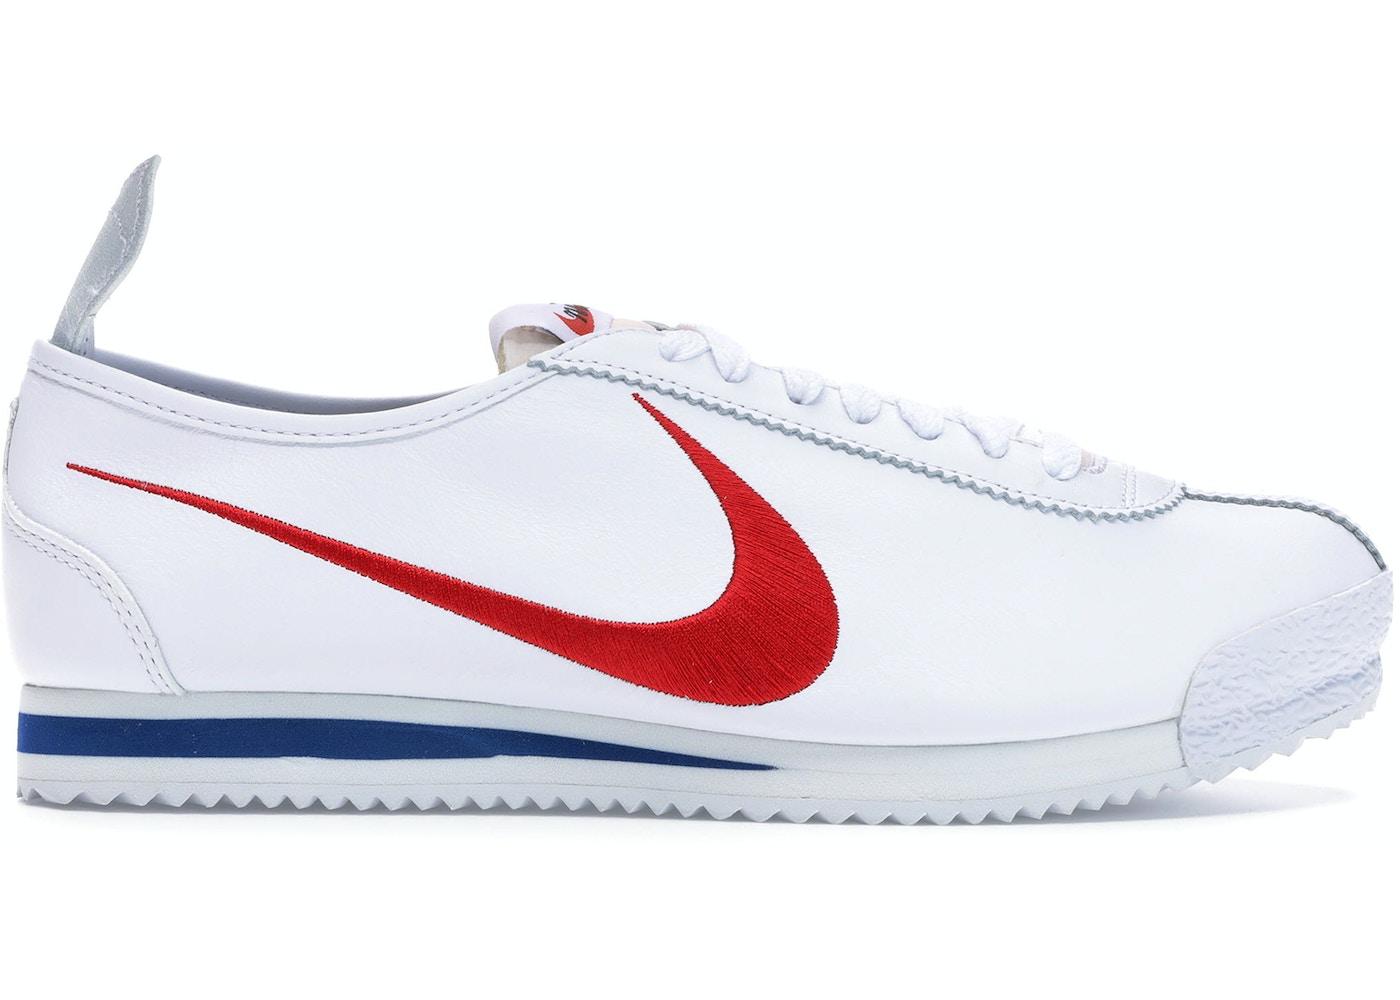 buy online 151e0 bdc73 Nike Cortez 72 Shoe Dog OG Slim Swoosh